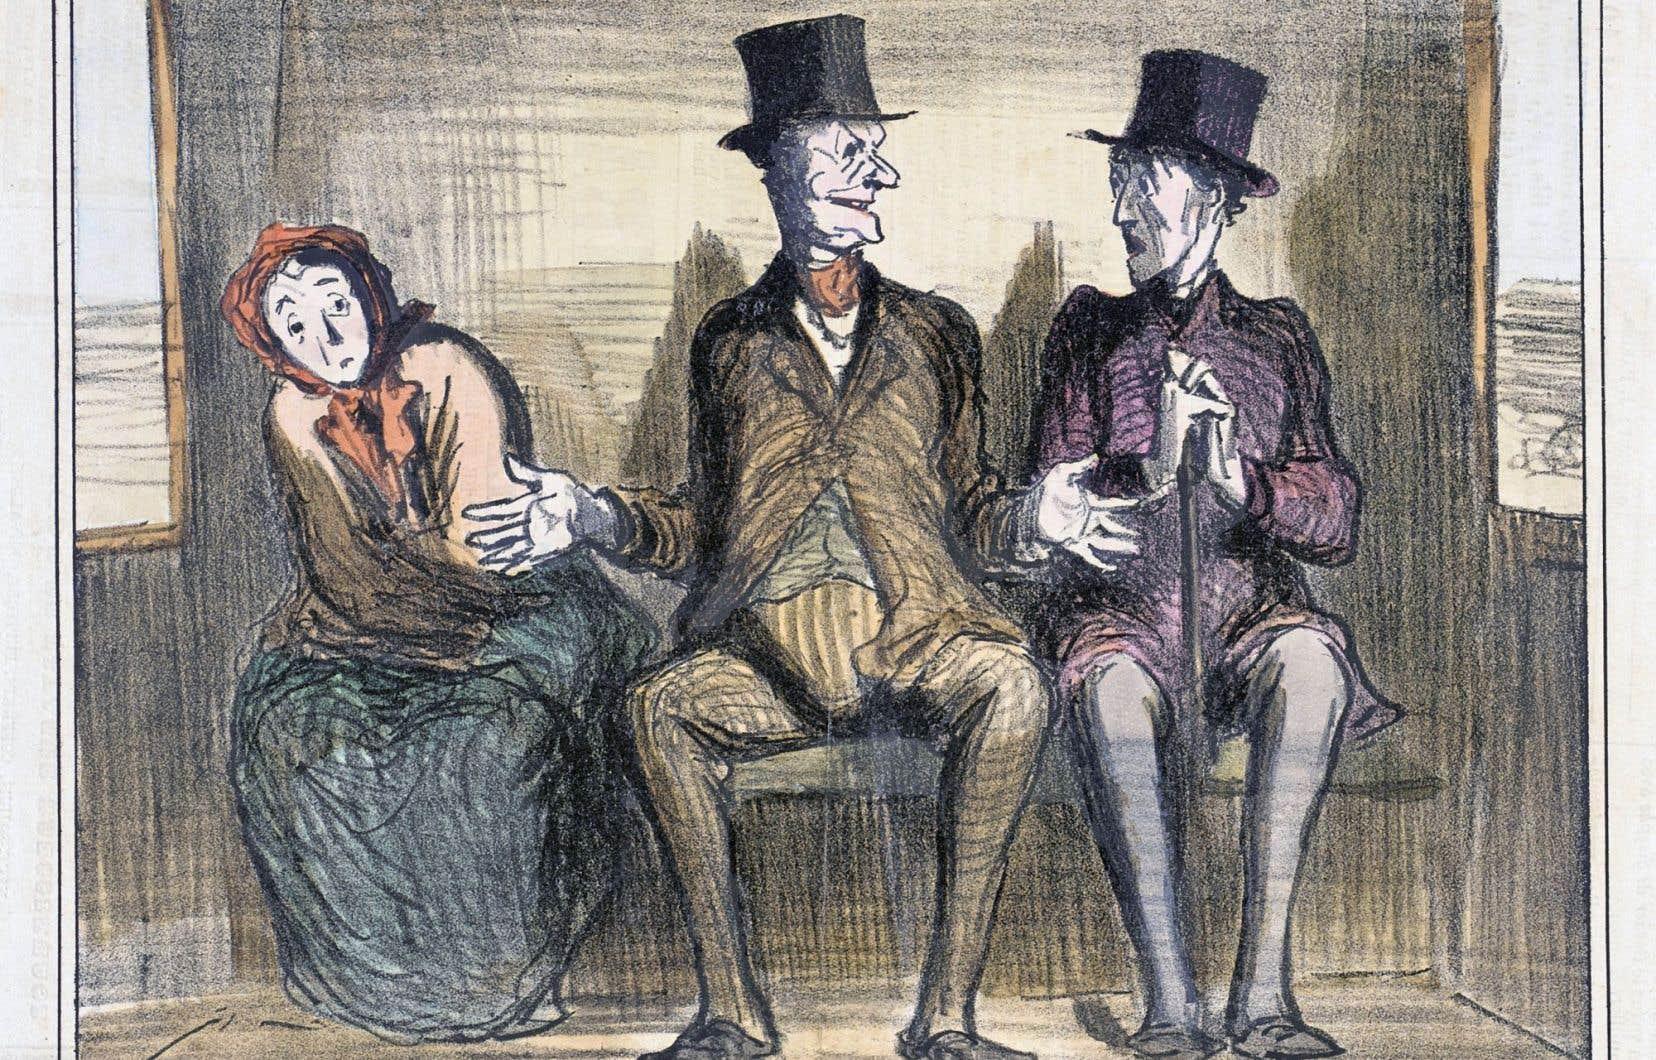 Une caricature d'Honoré Daumier parue dans «Le Charivari» le 19 décembre 1857